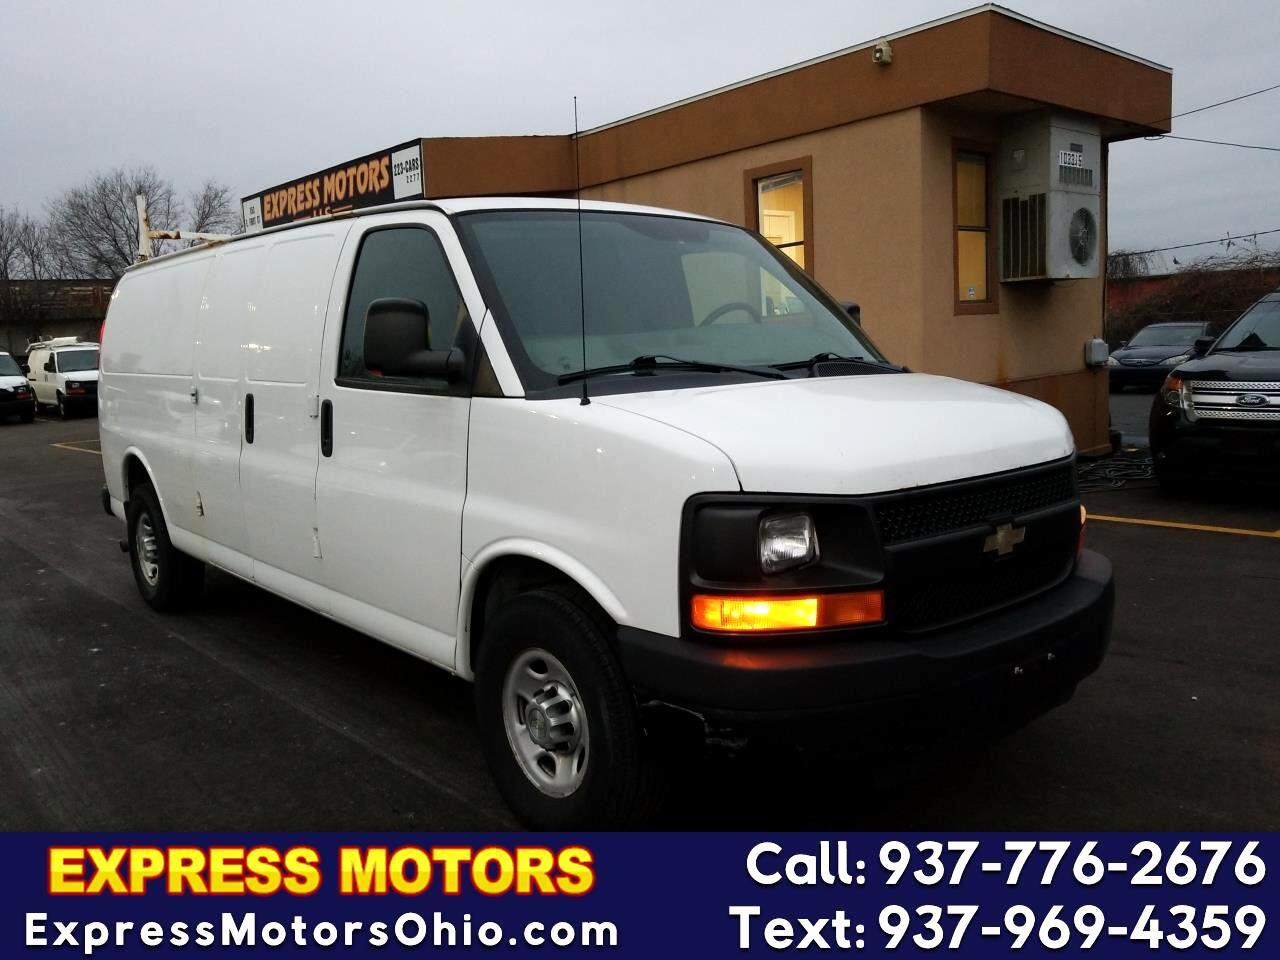 2011 Chevrolet Express Cargo Van RWD 2500 155